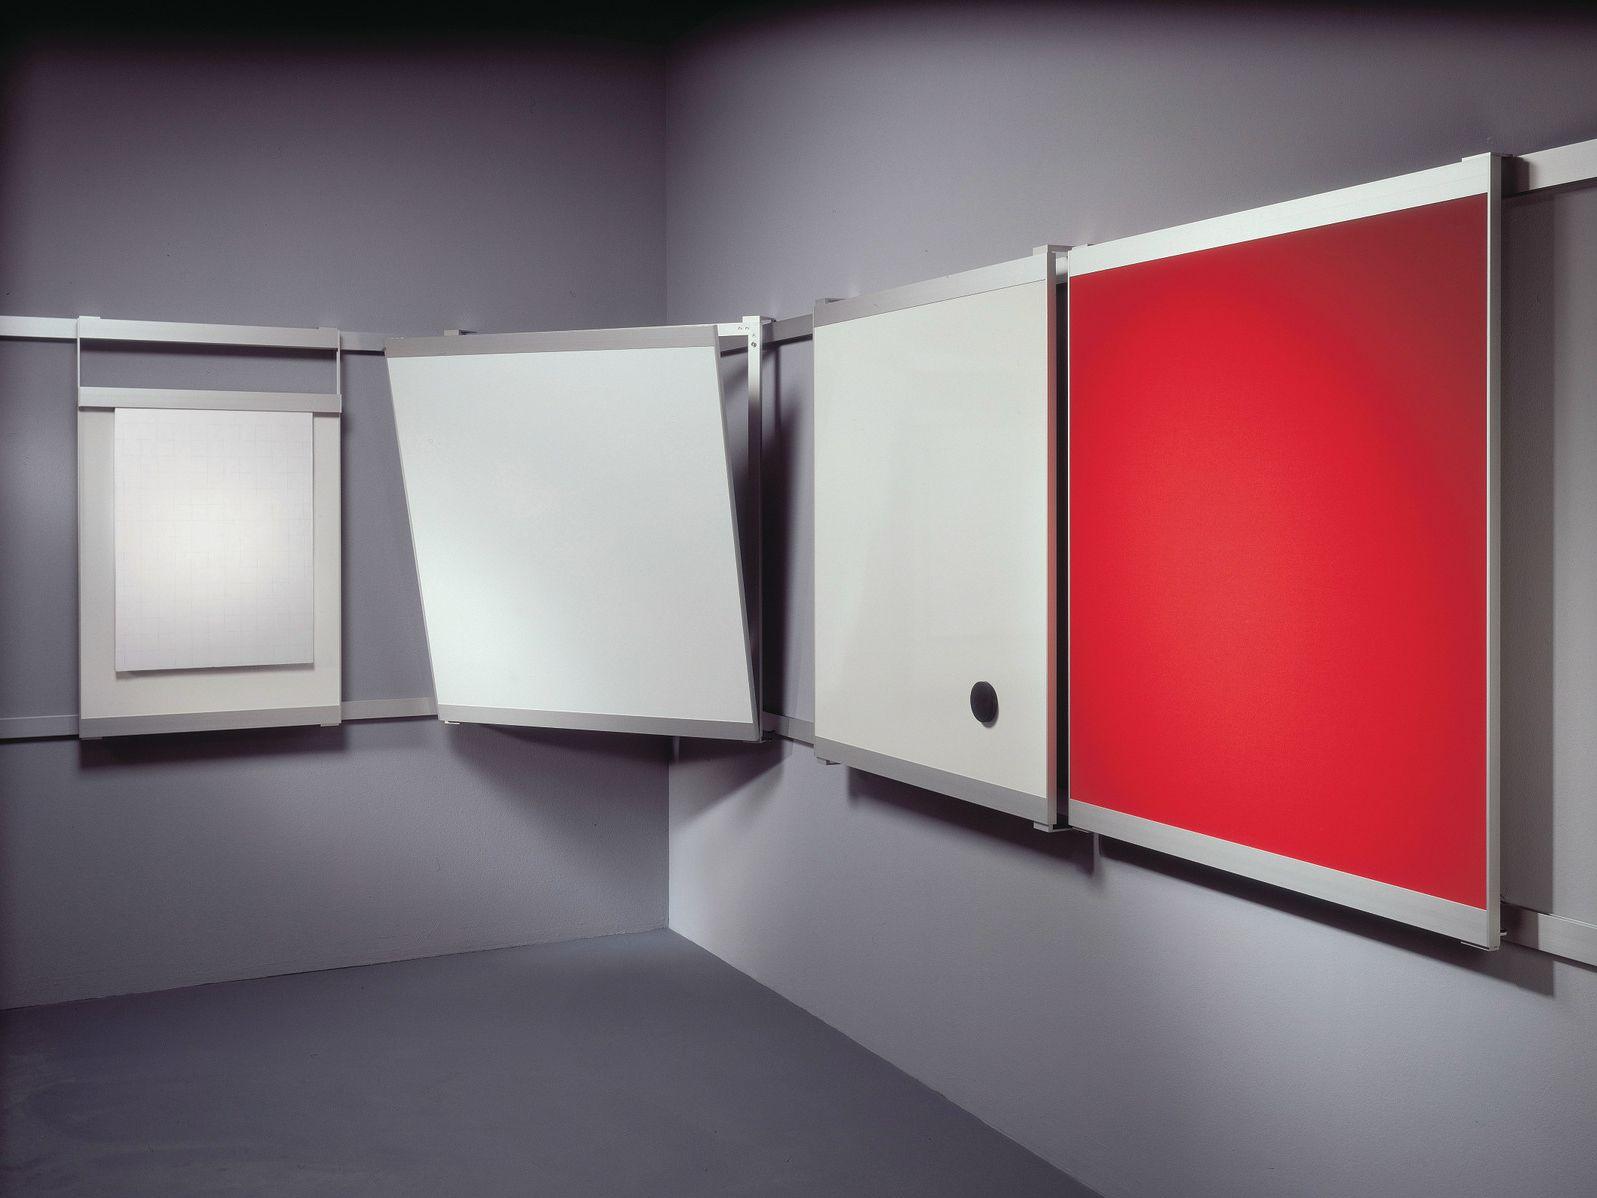 Lavagna per ufficio scorrevole a parete vip by abstracta design ...